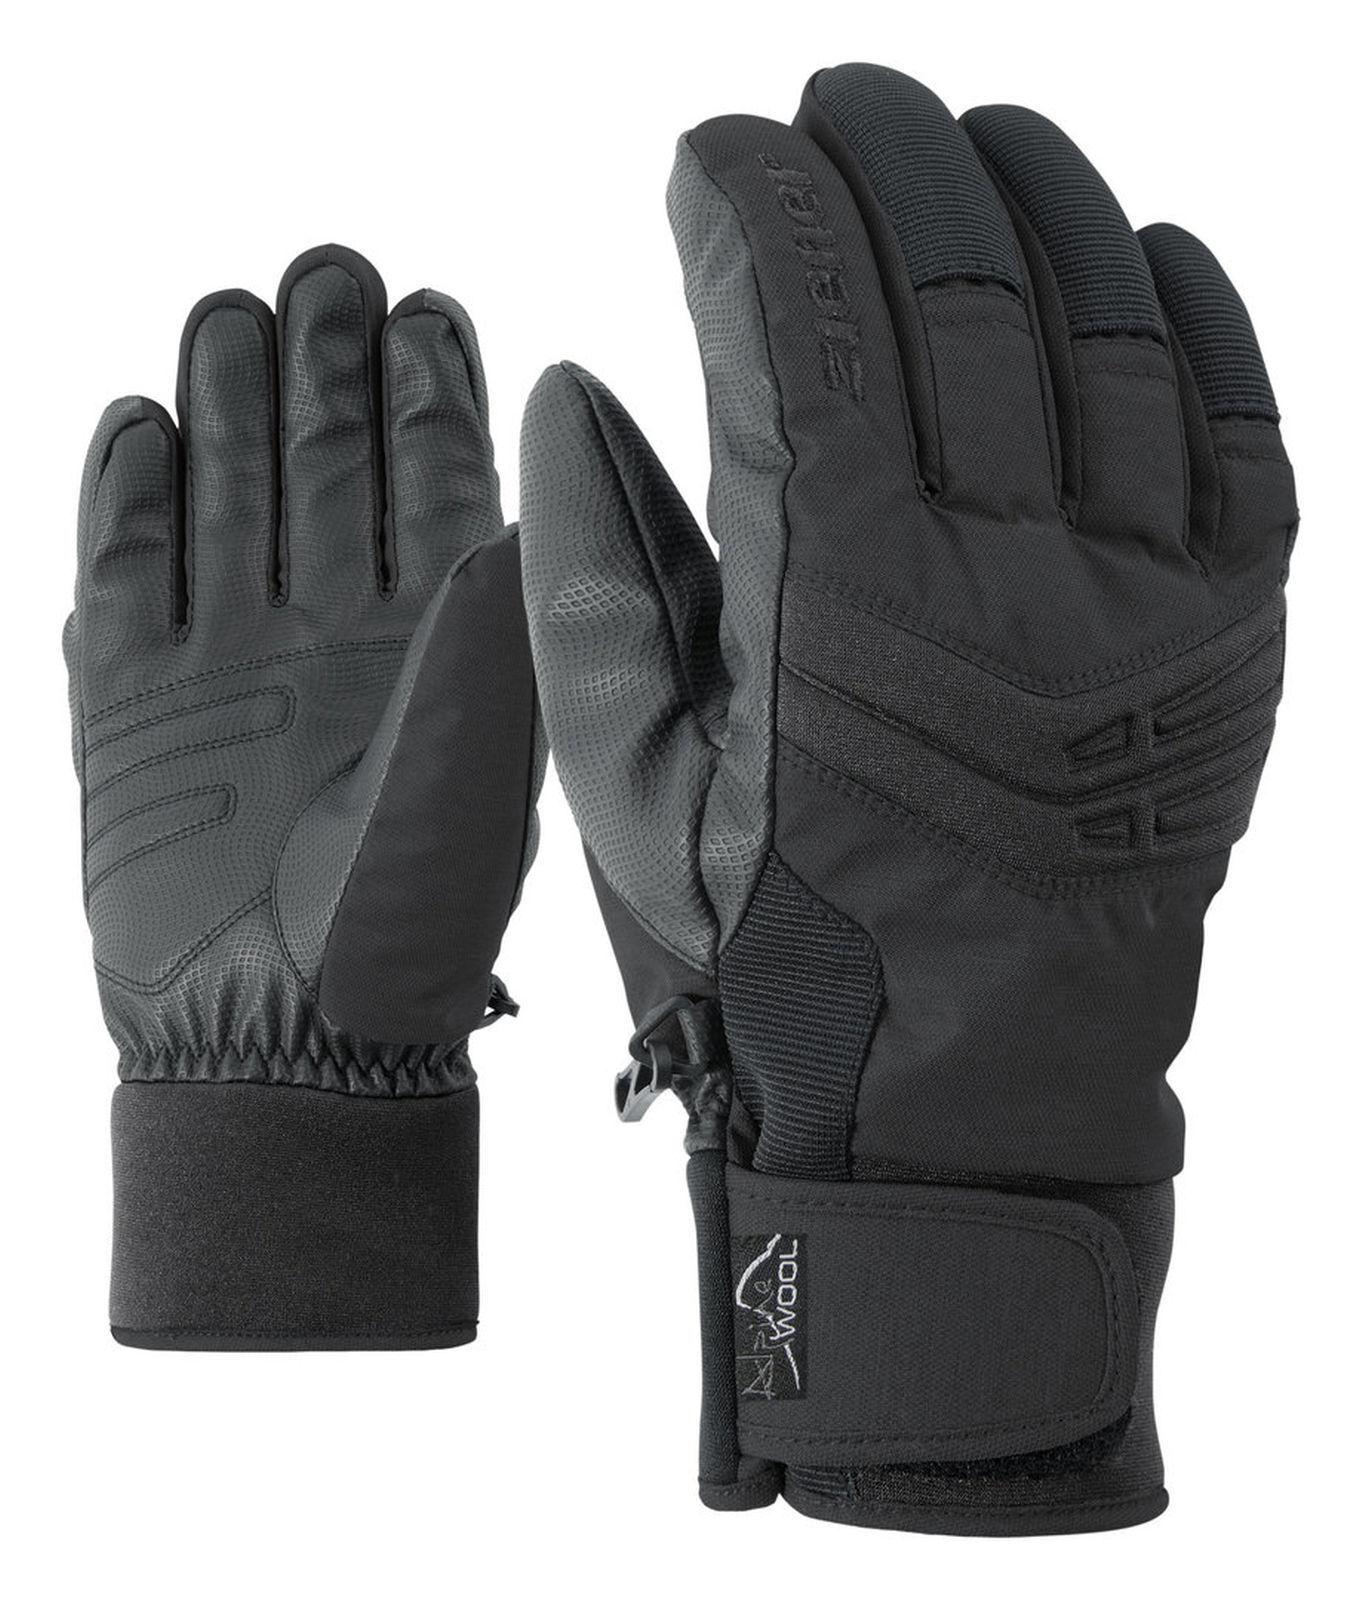 Ziener Herren Skihandschuhe GINOM GINOM GINOM AS® AW glove schwarz 08530e